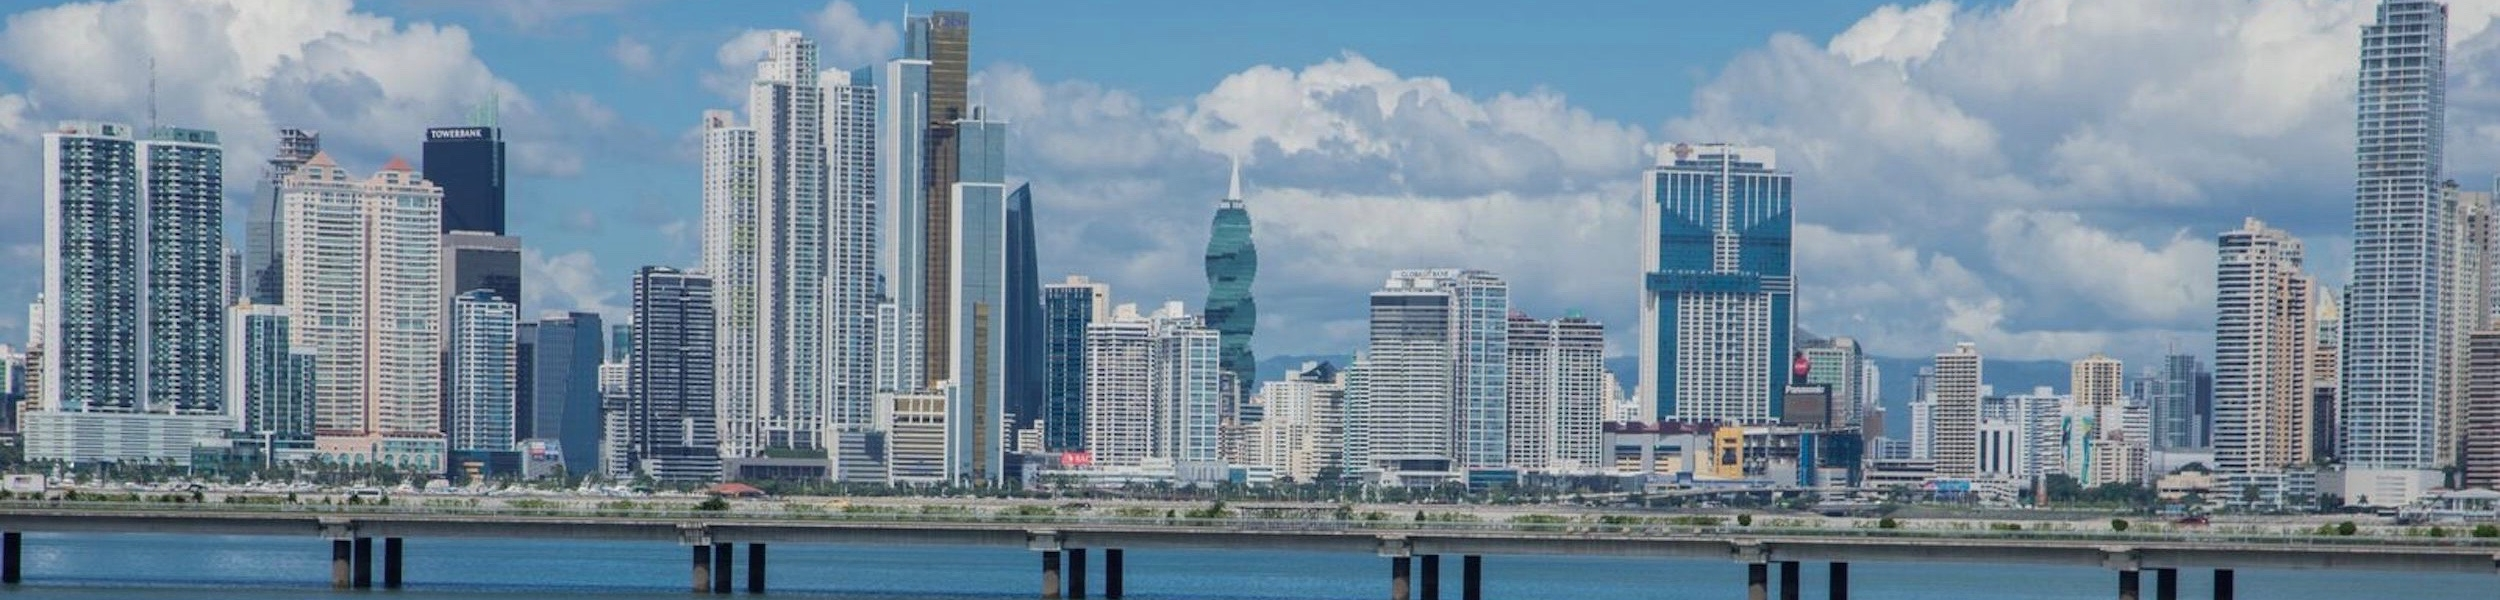 panama-city-skyline-edificios-ciudad-cinta-costera-3